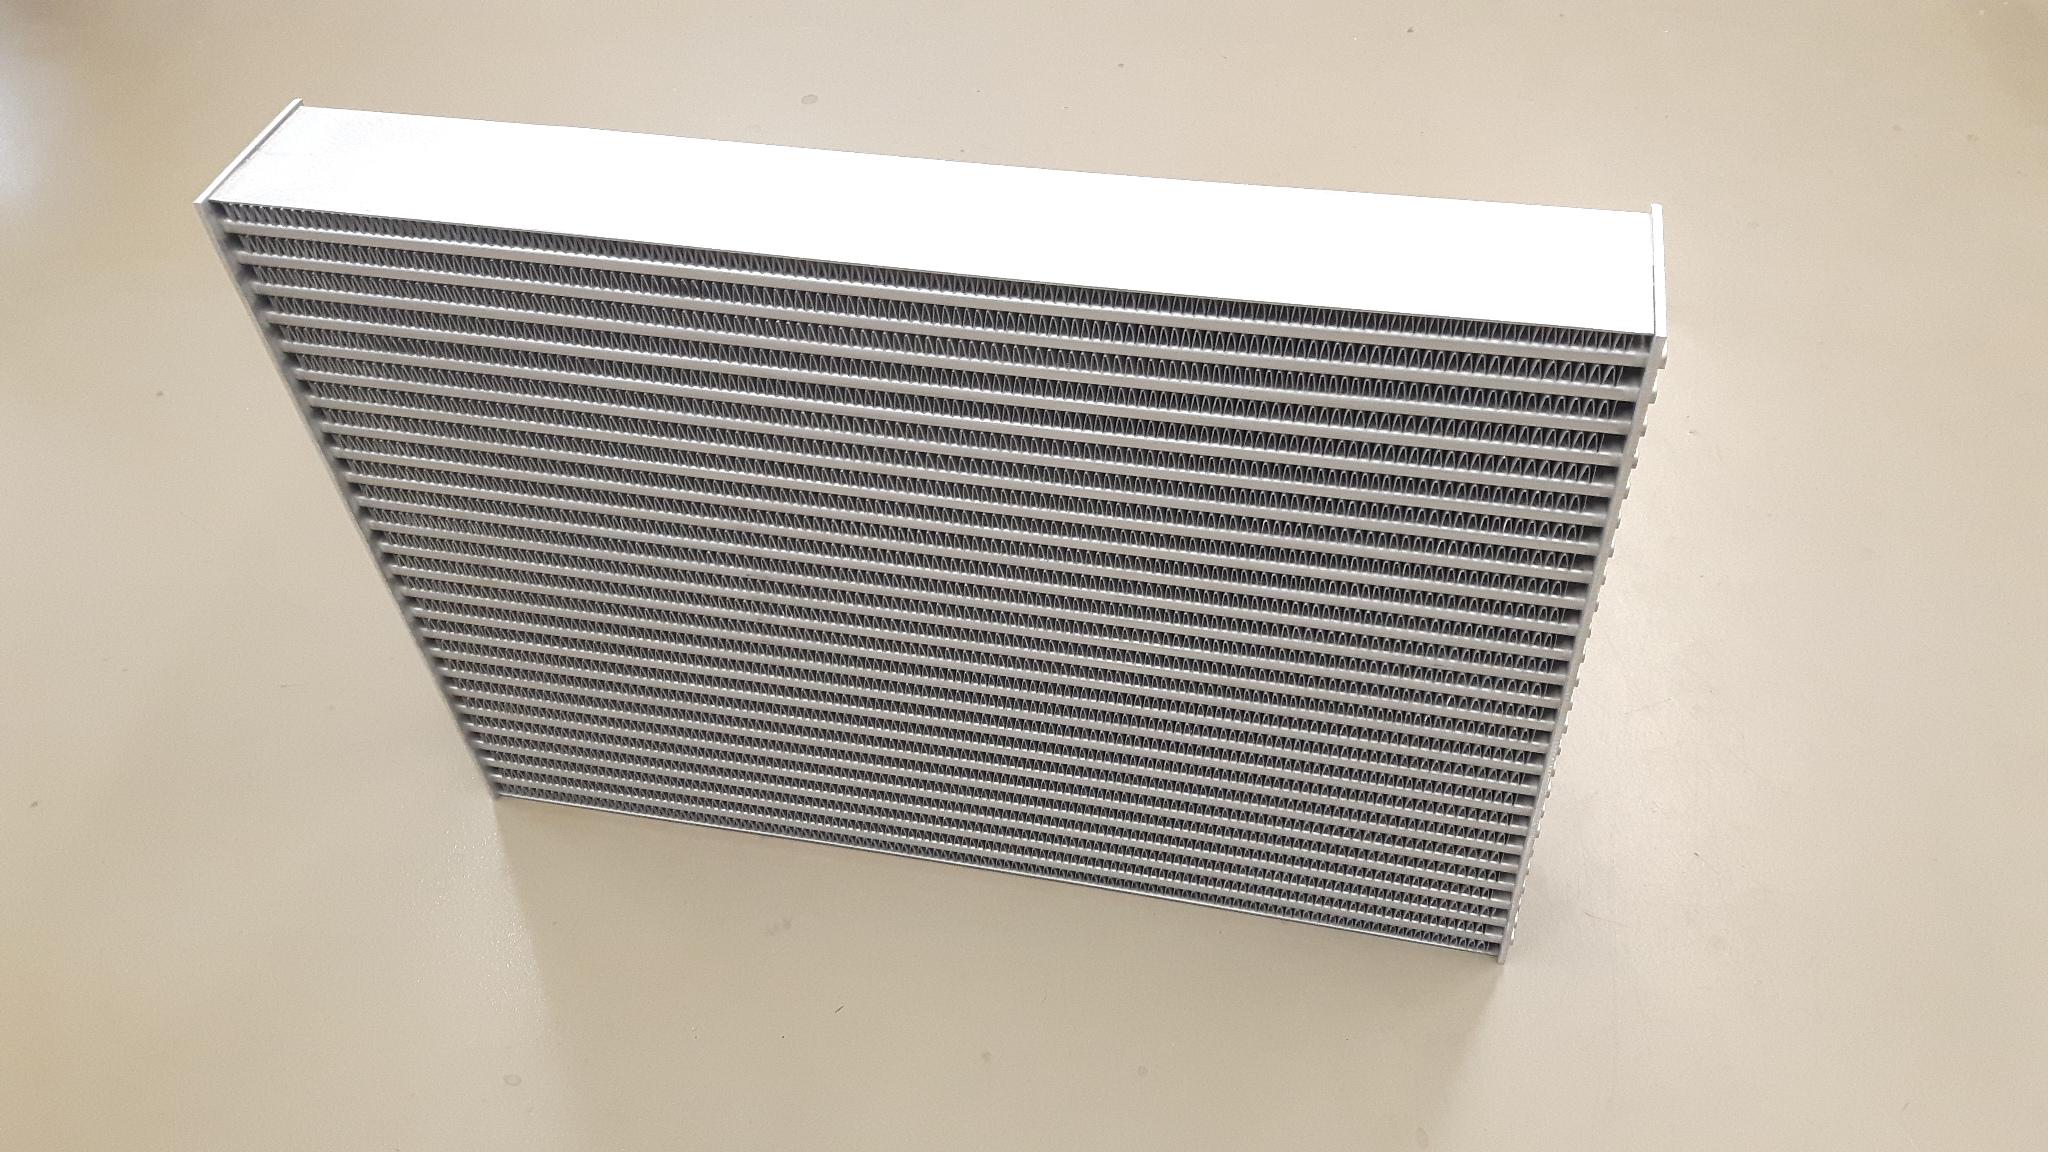 H&S speciaal intercooler koelblok 650 x 470 x 82-0